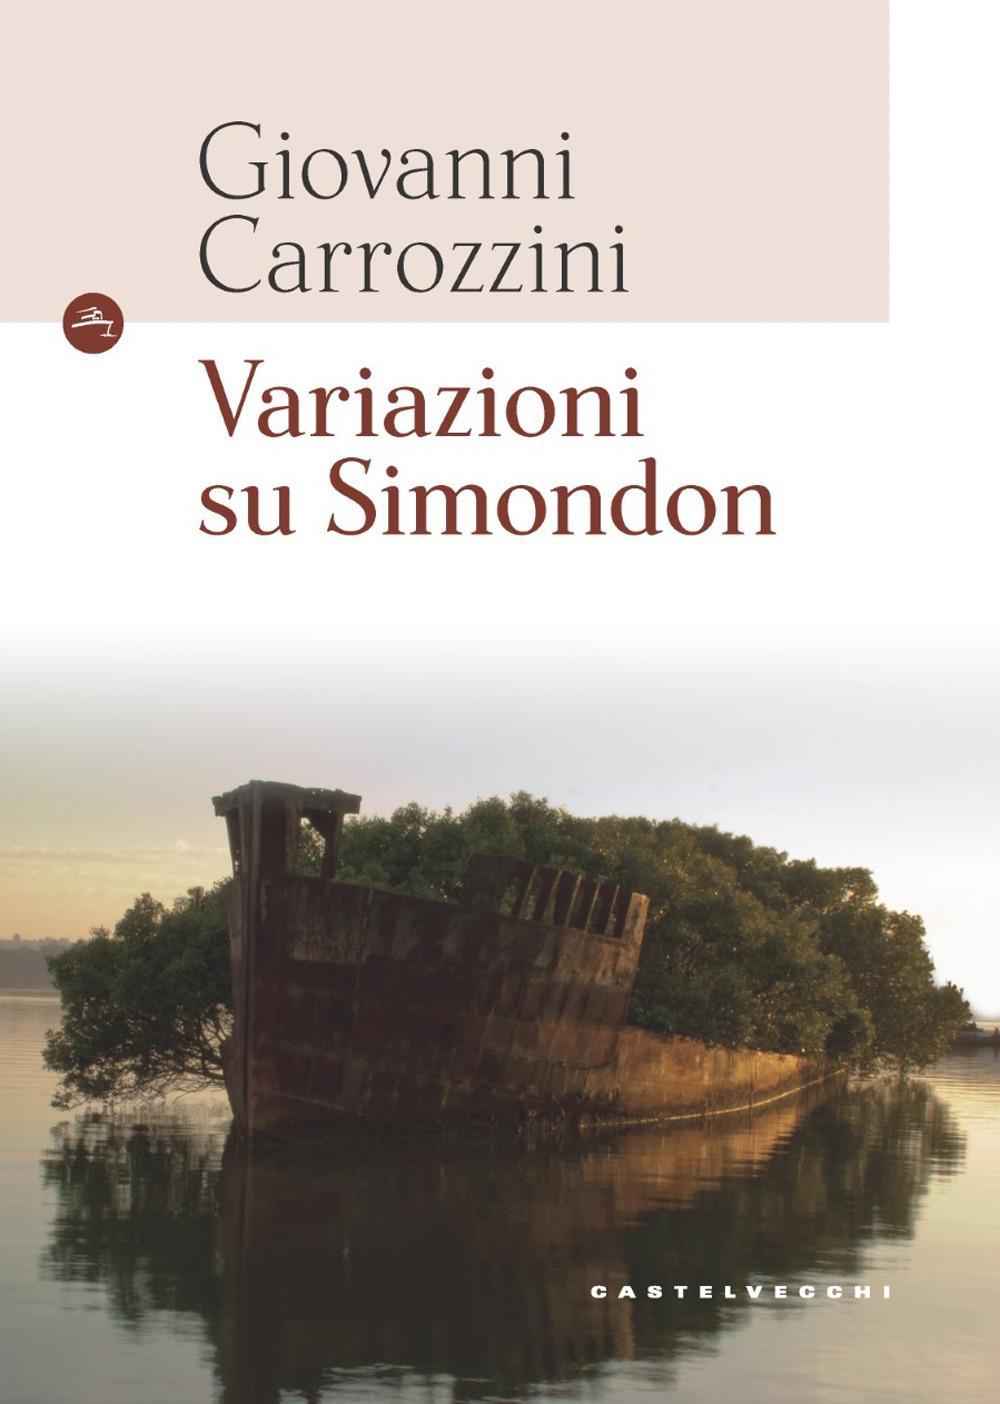 VARIAZIONI SU SIMONDON - Carrozzini Giovanni - 9788832901801